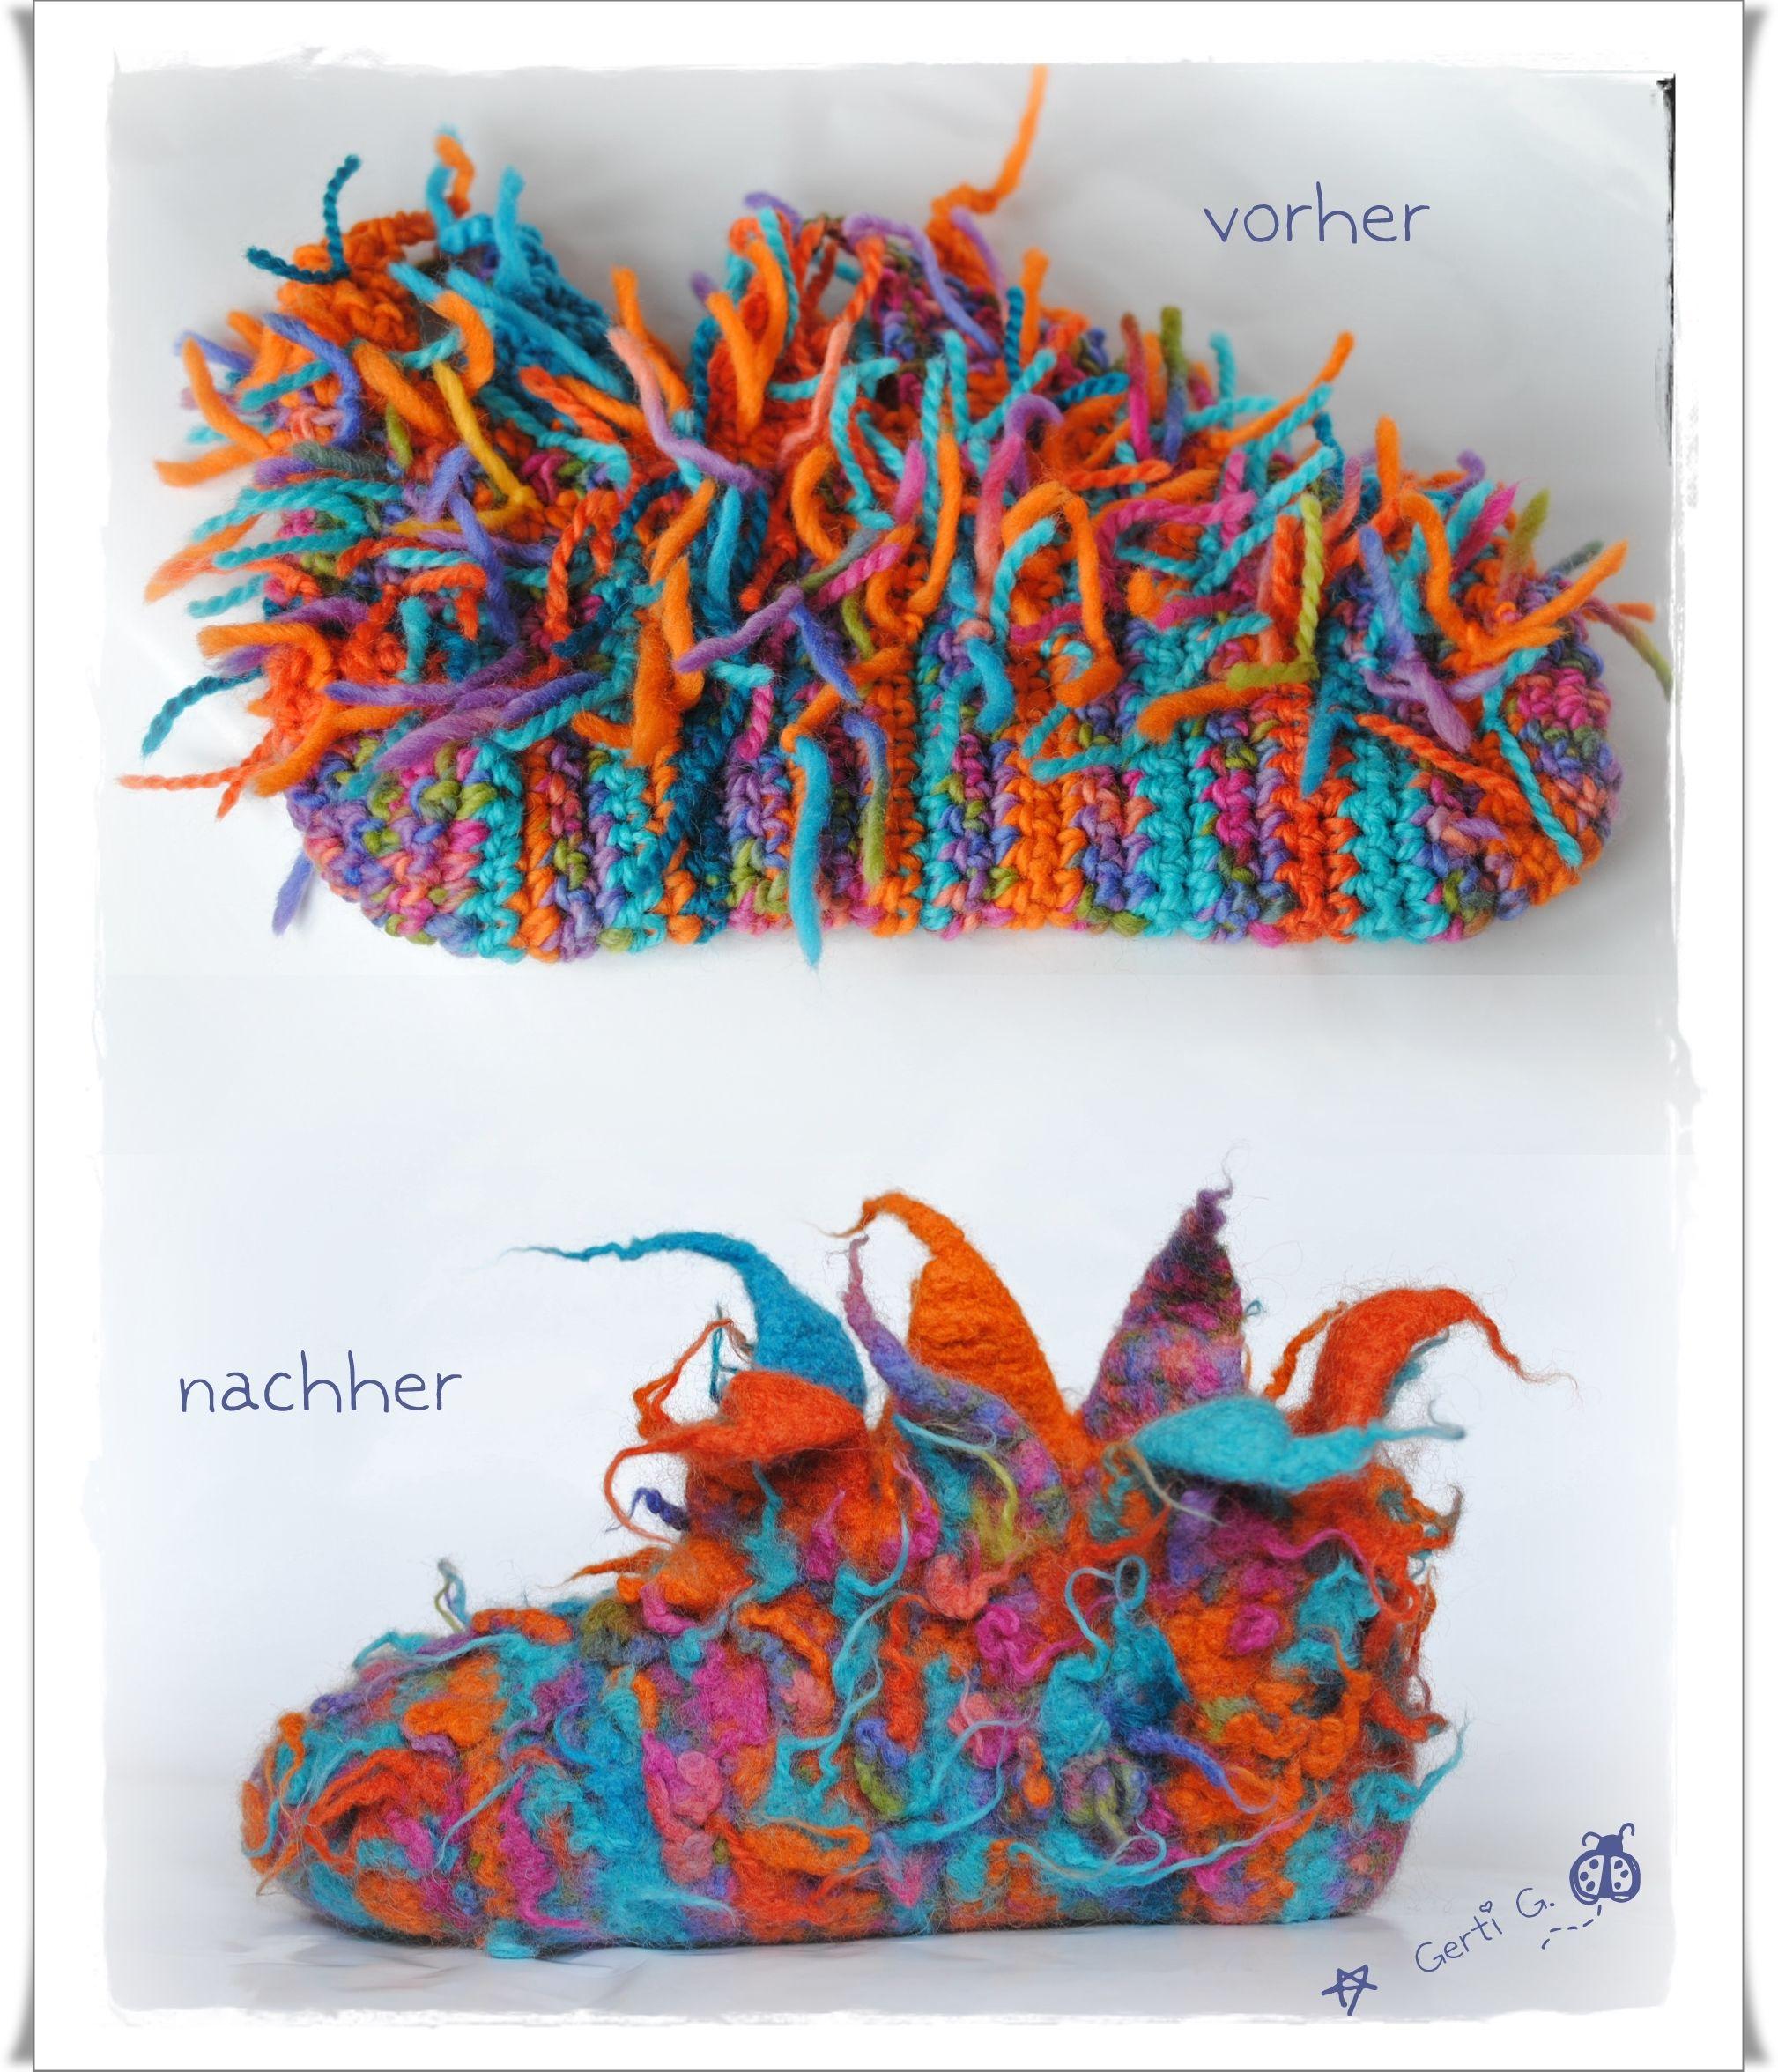 VORHER-NACHHER - Bild: Wild bezipfelte Schluppys - gehäkelt und bei 60° in der Waschmaschine g.filzt. ;-) Design: Gerti G. ♥